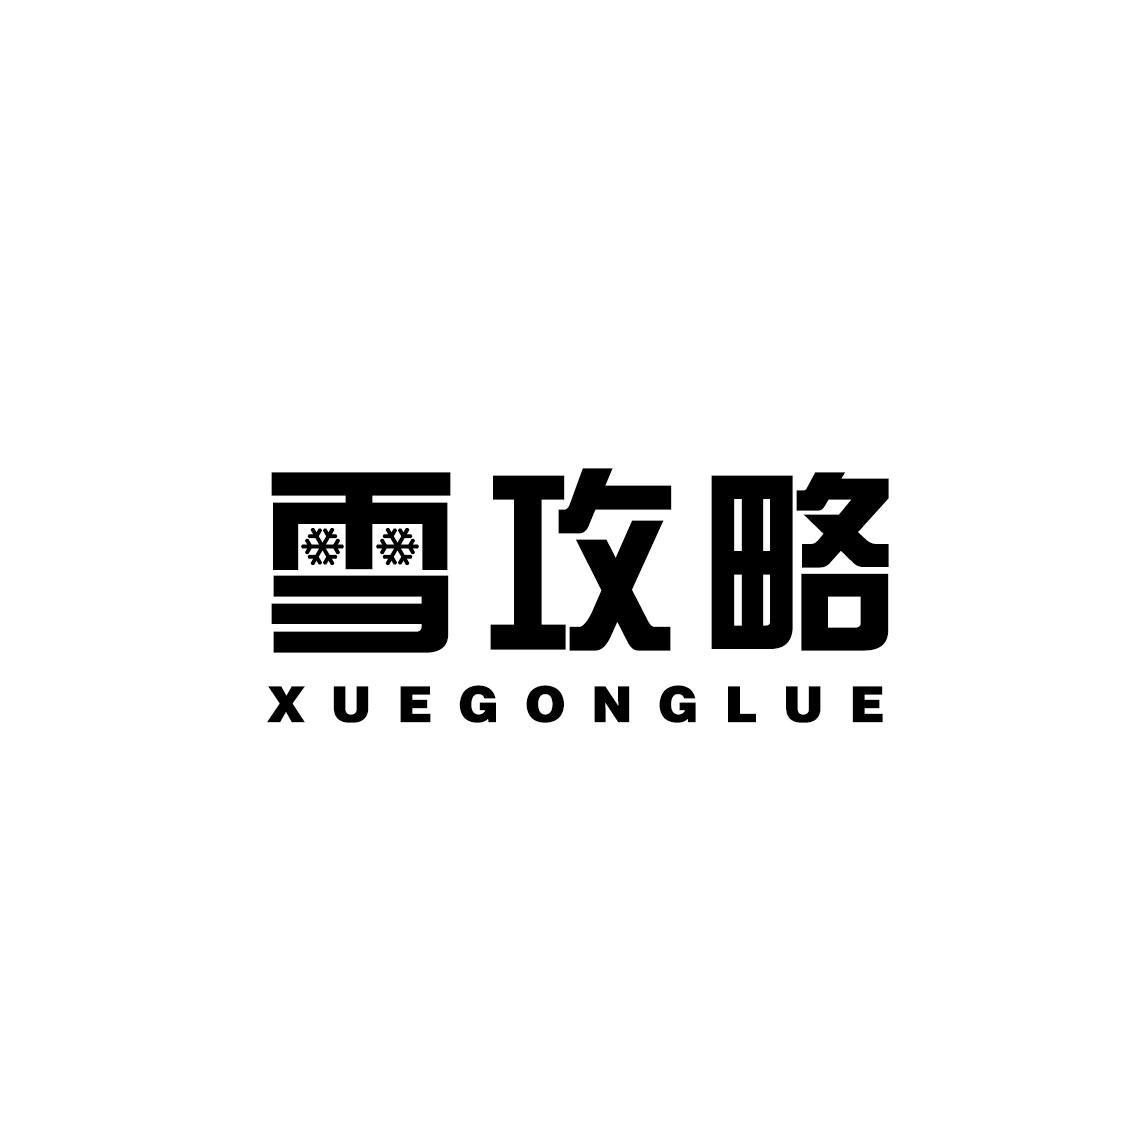 转让商标-攻略 XUE GONG LUE